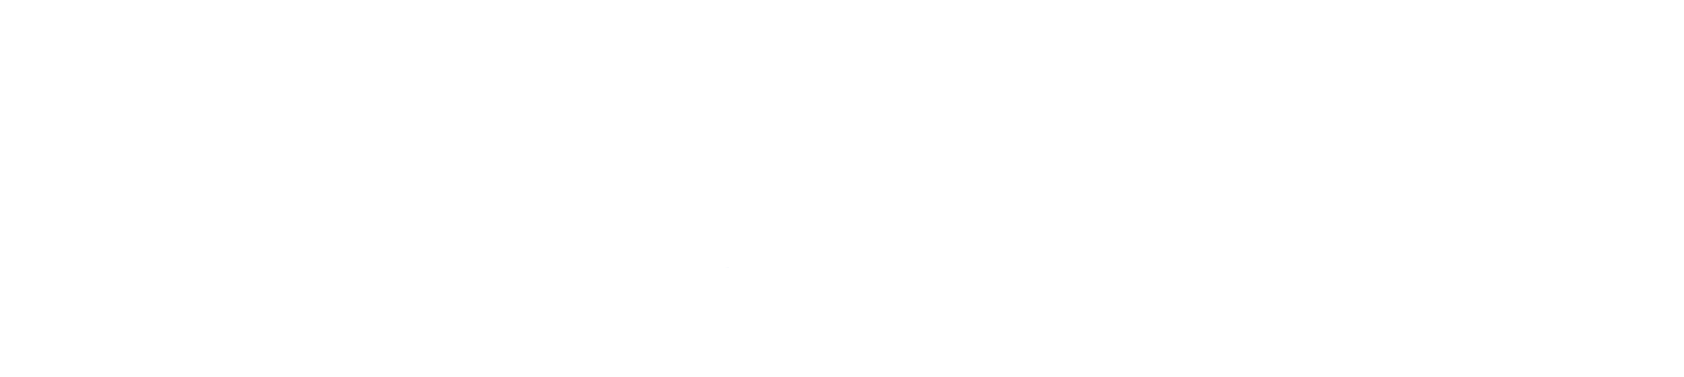 SME4SPACE